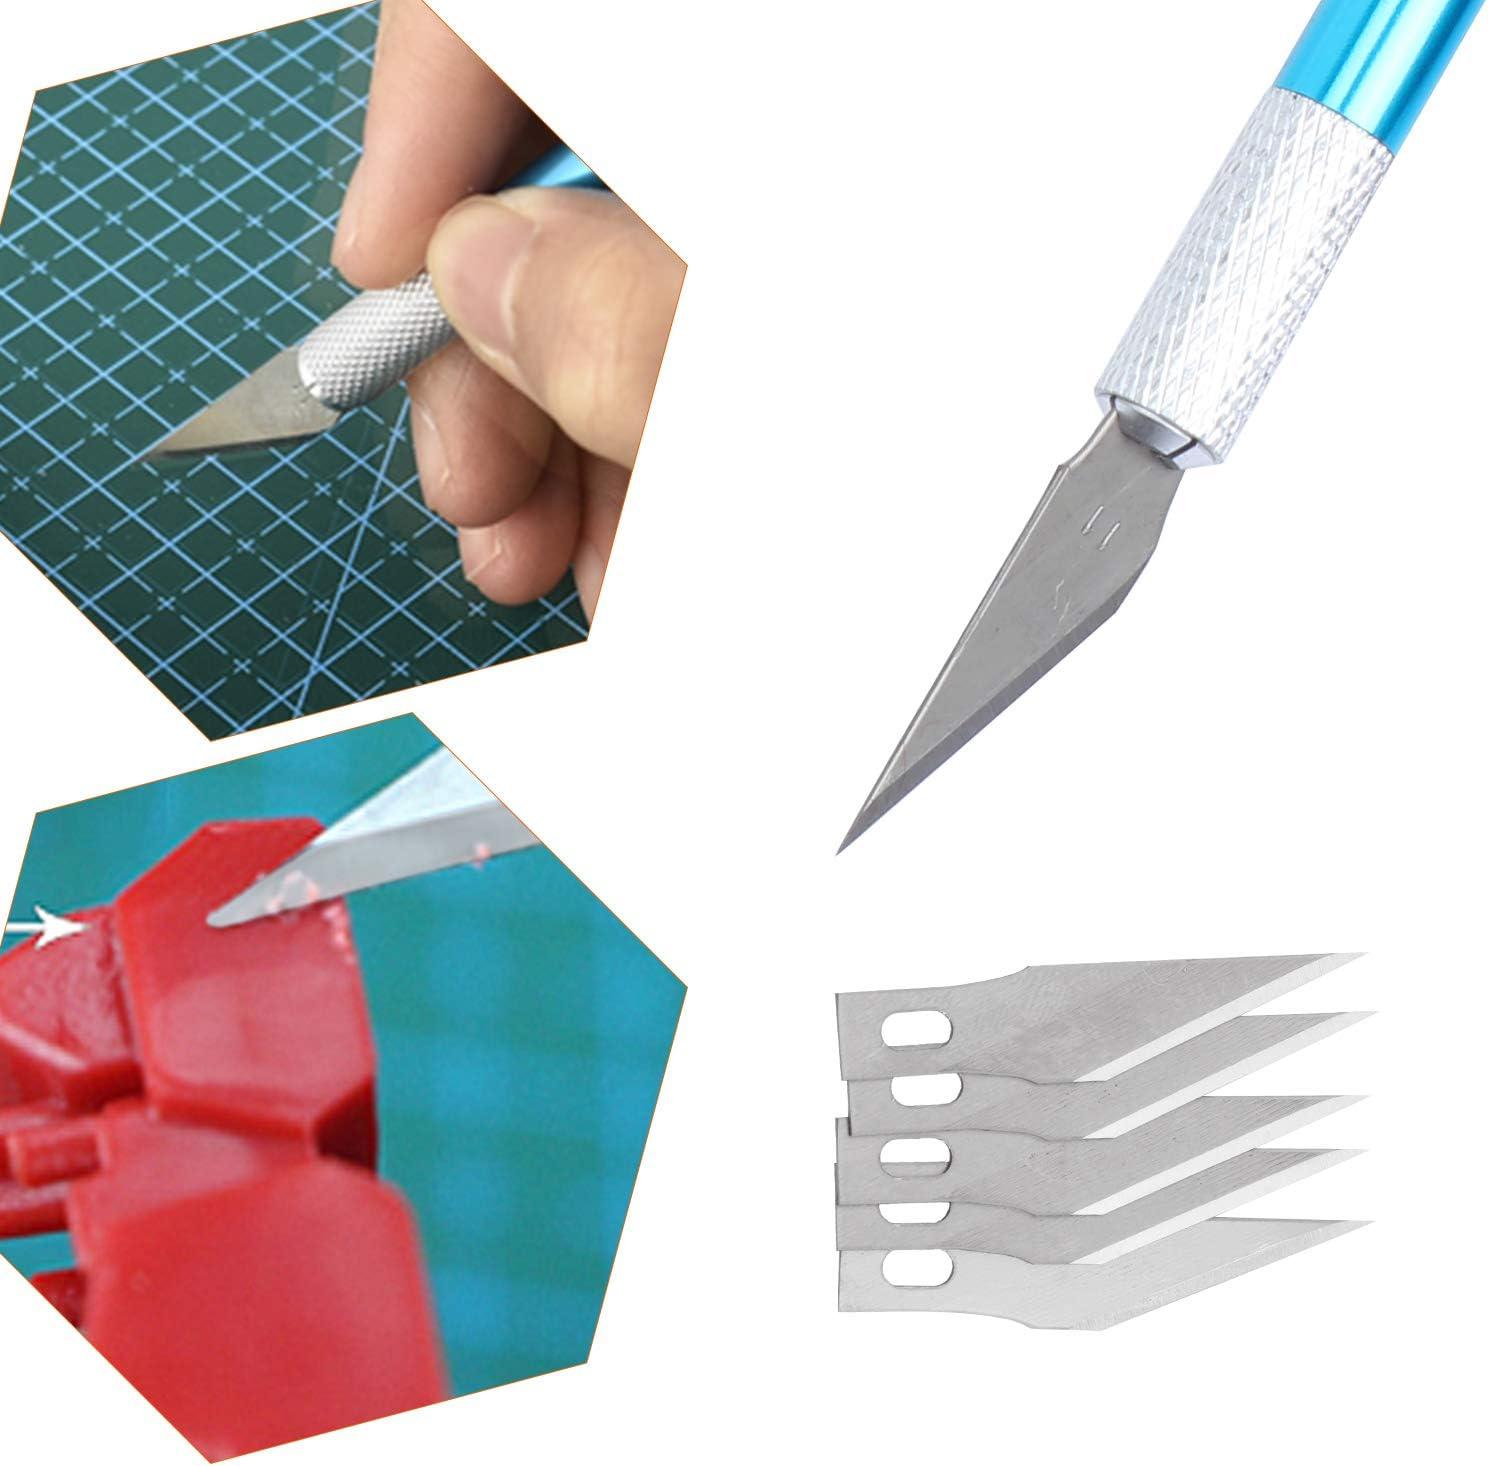 Modellbau Werkzeuge f/ür Automodell Montagebaukasten HSEAMALL 9 ST/ÜCKE Gundam Modeler Grundwerkzeuge